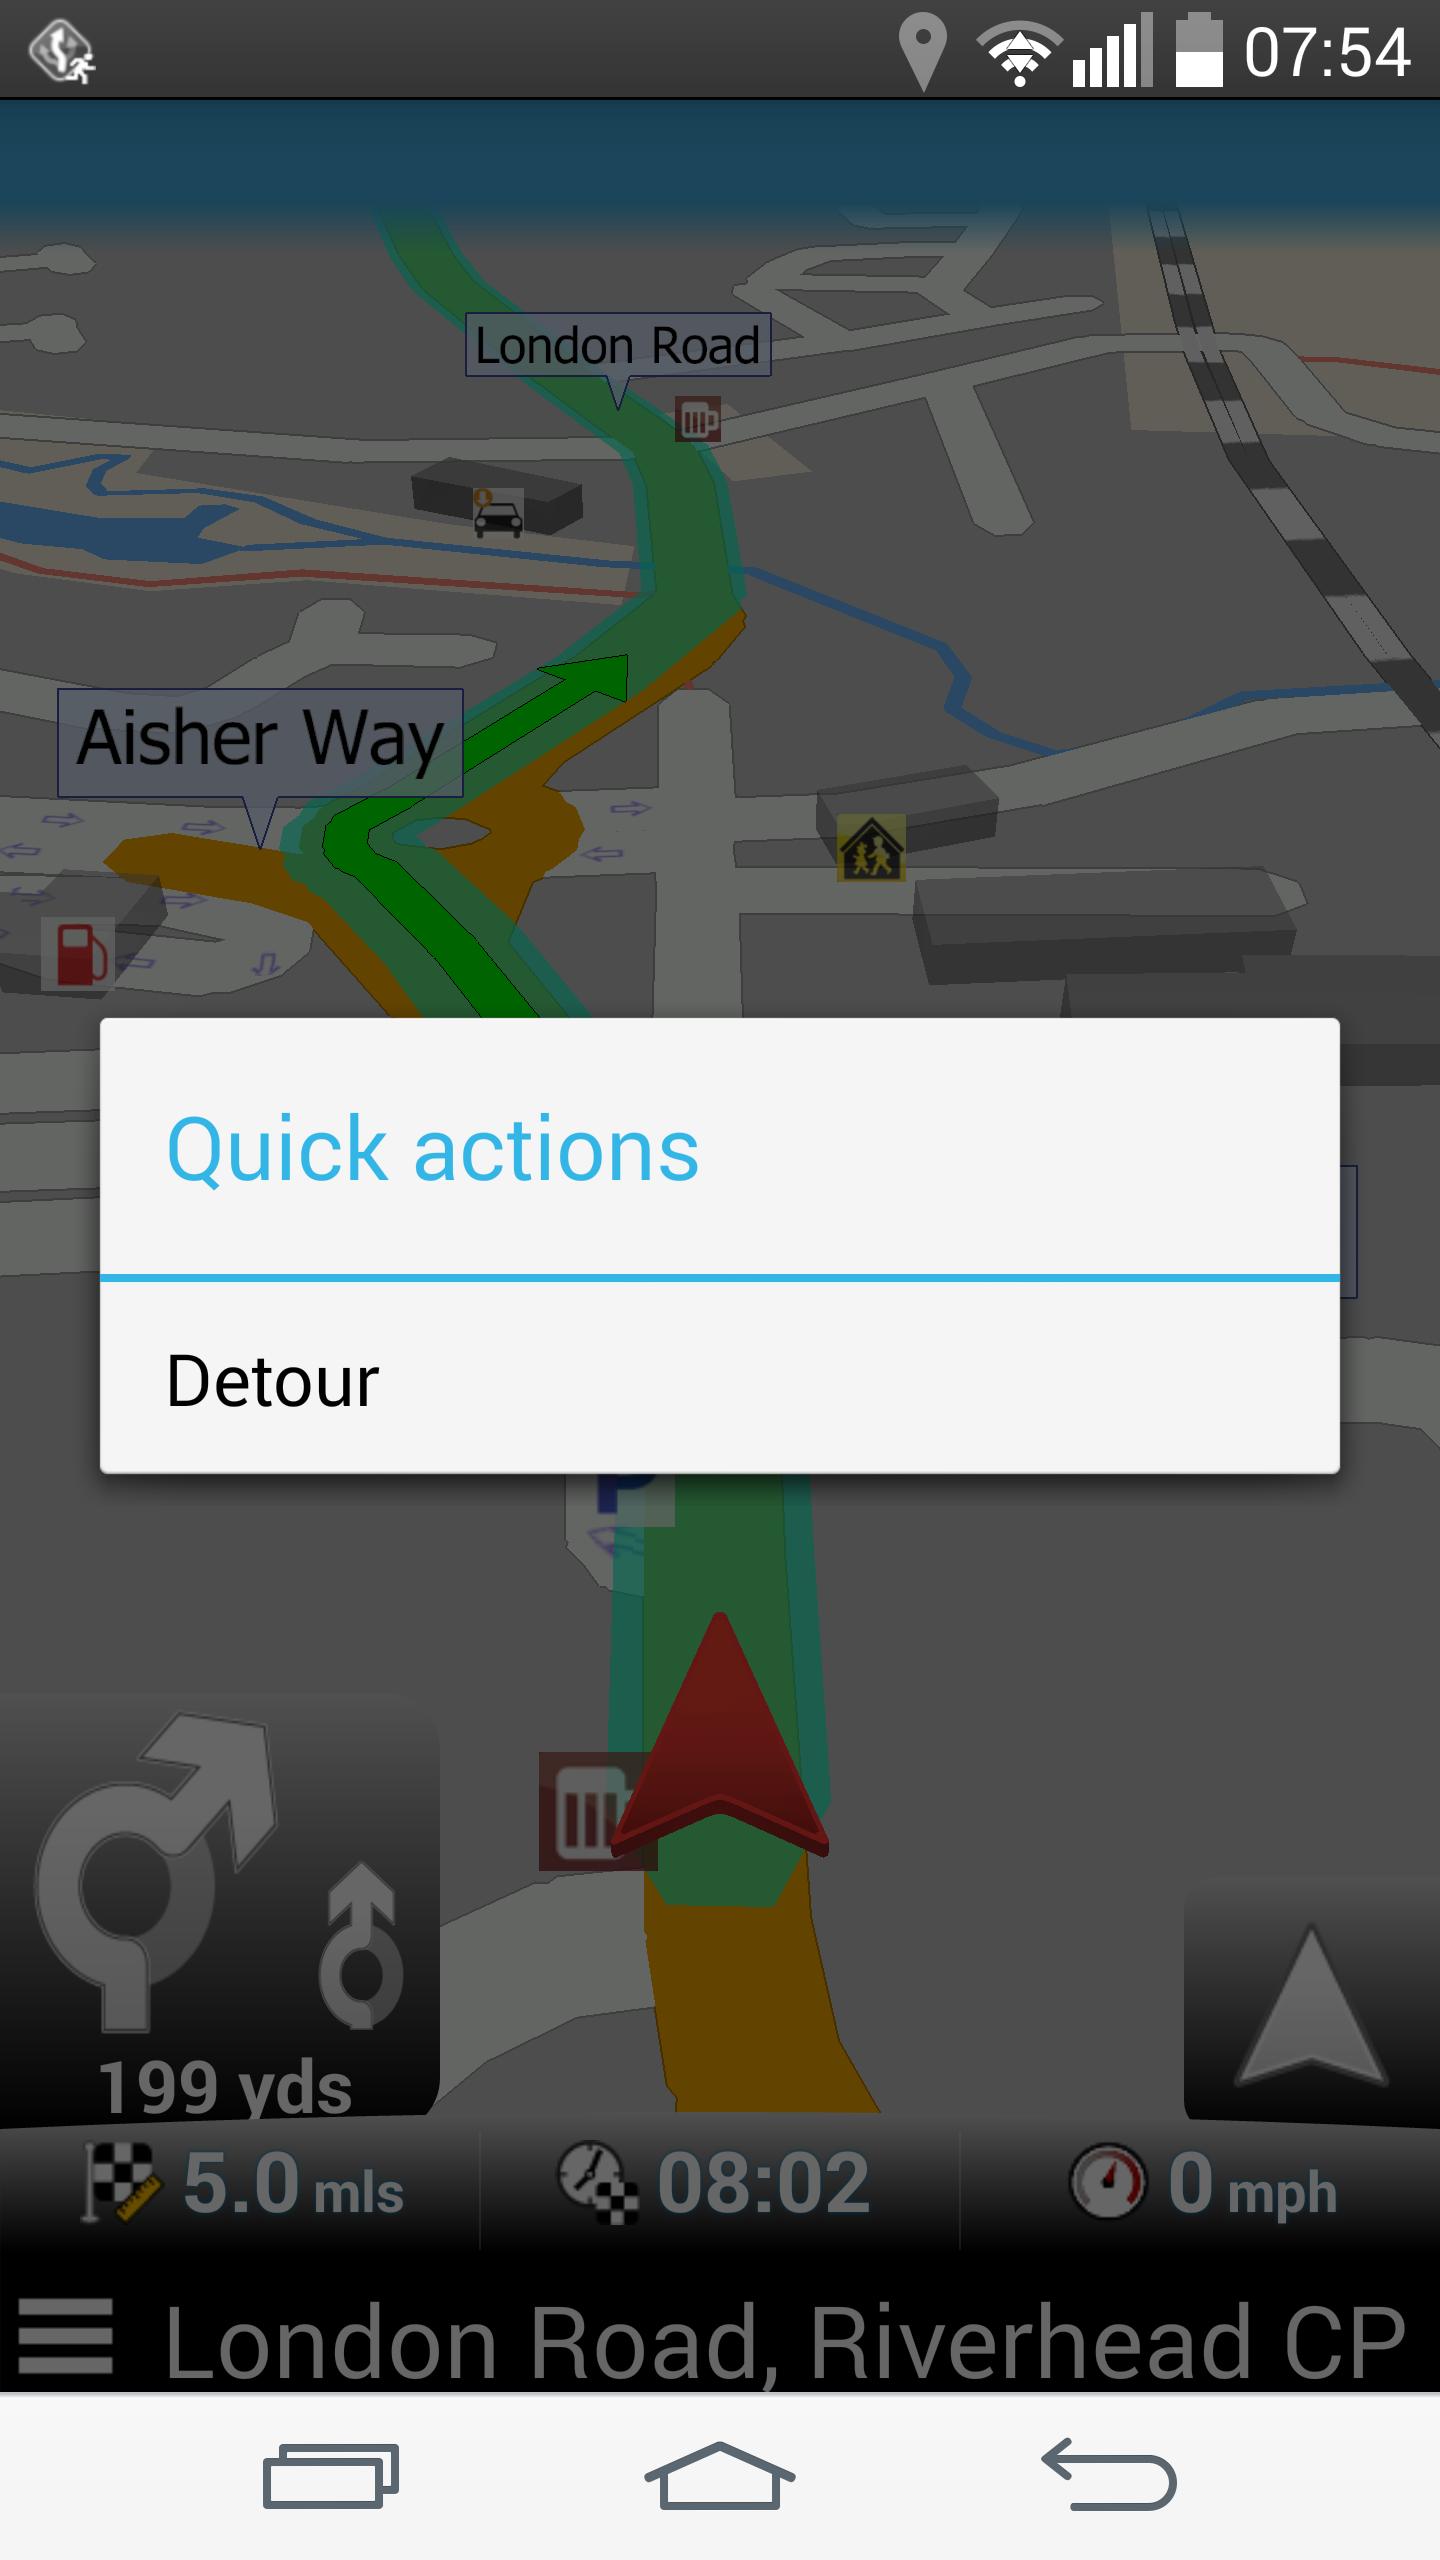 Navigator - Quick actions - Detour